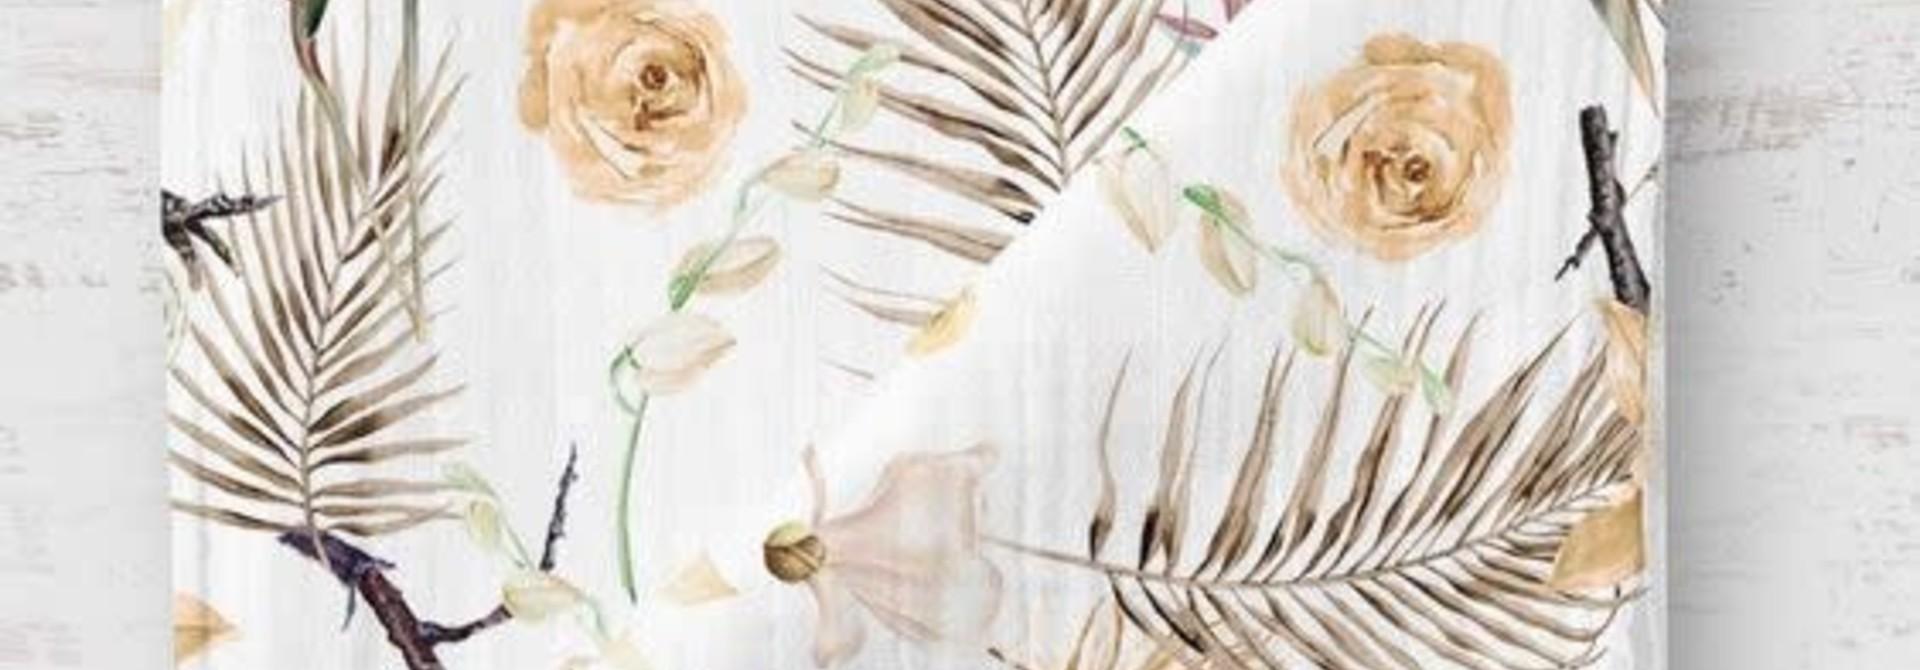 Mousseline en bambou - Fleurs séches